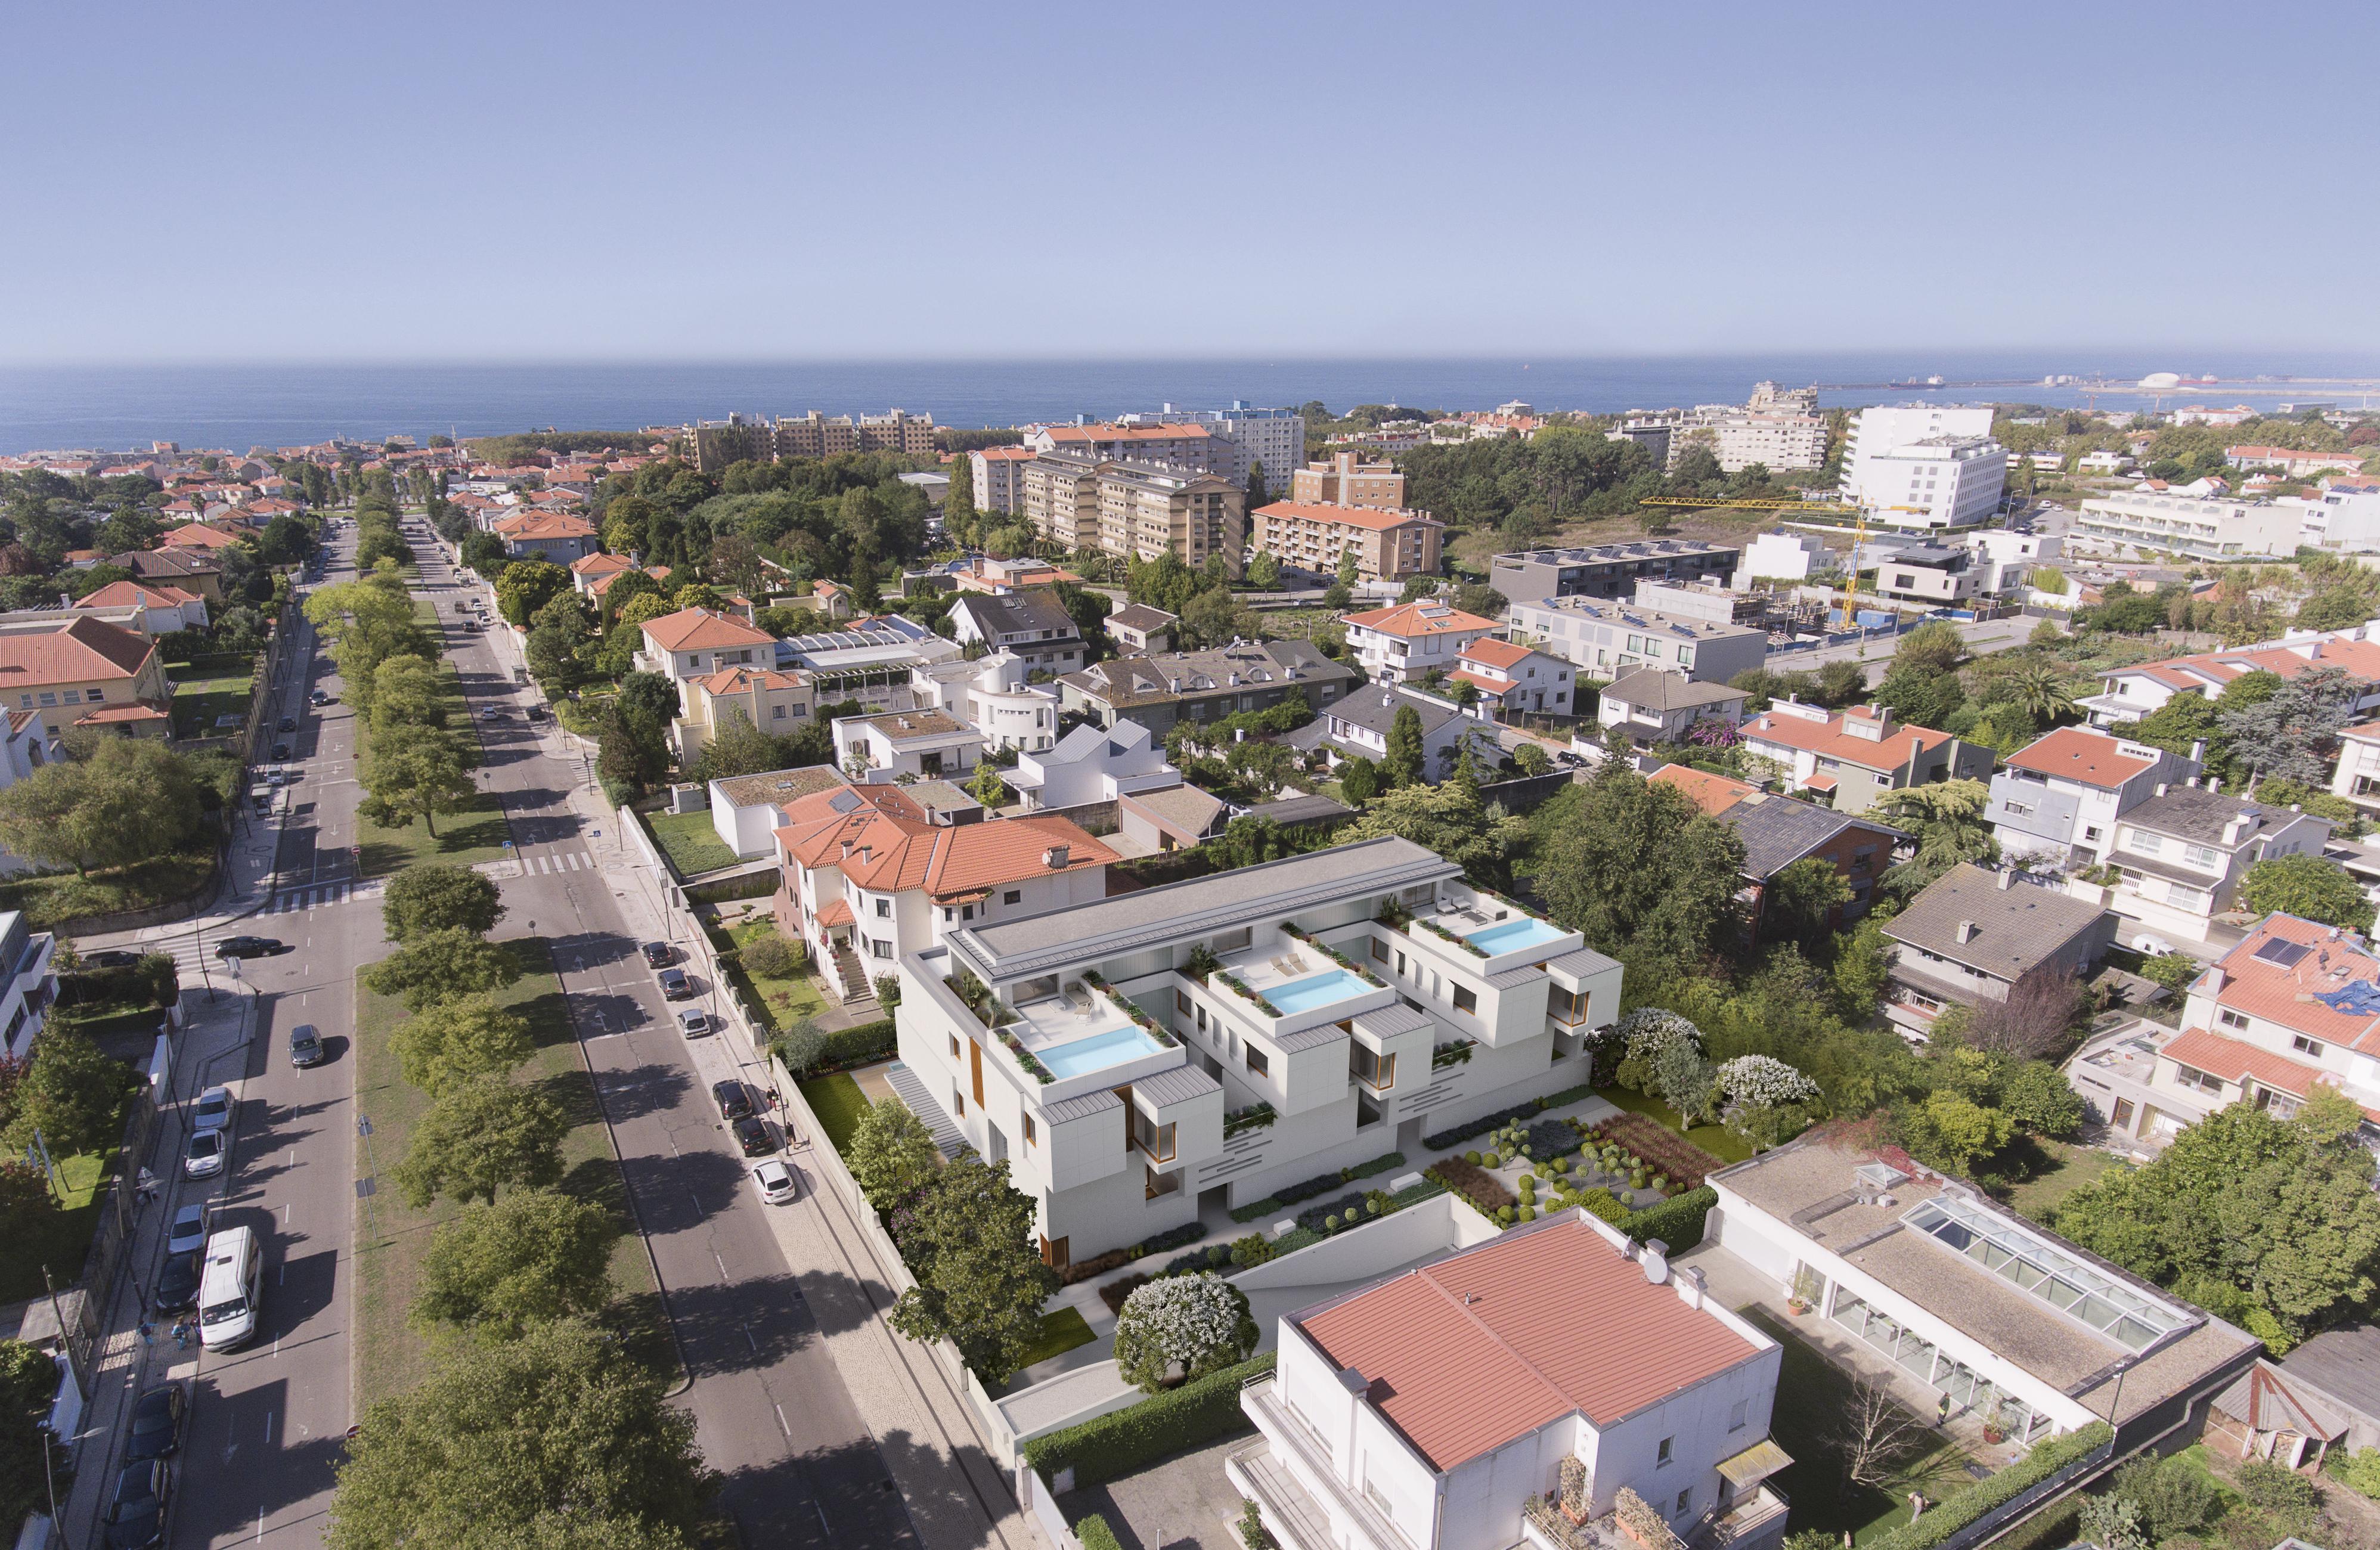 Grupo ACA – Alberto Couto Alves/ODD - Real Estate Development